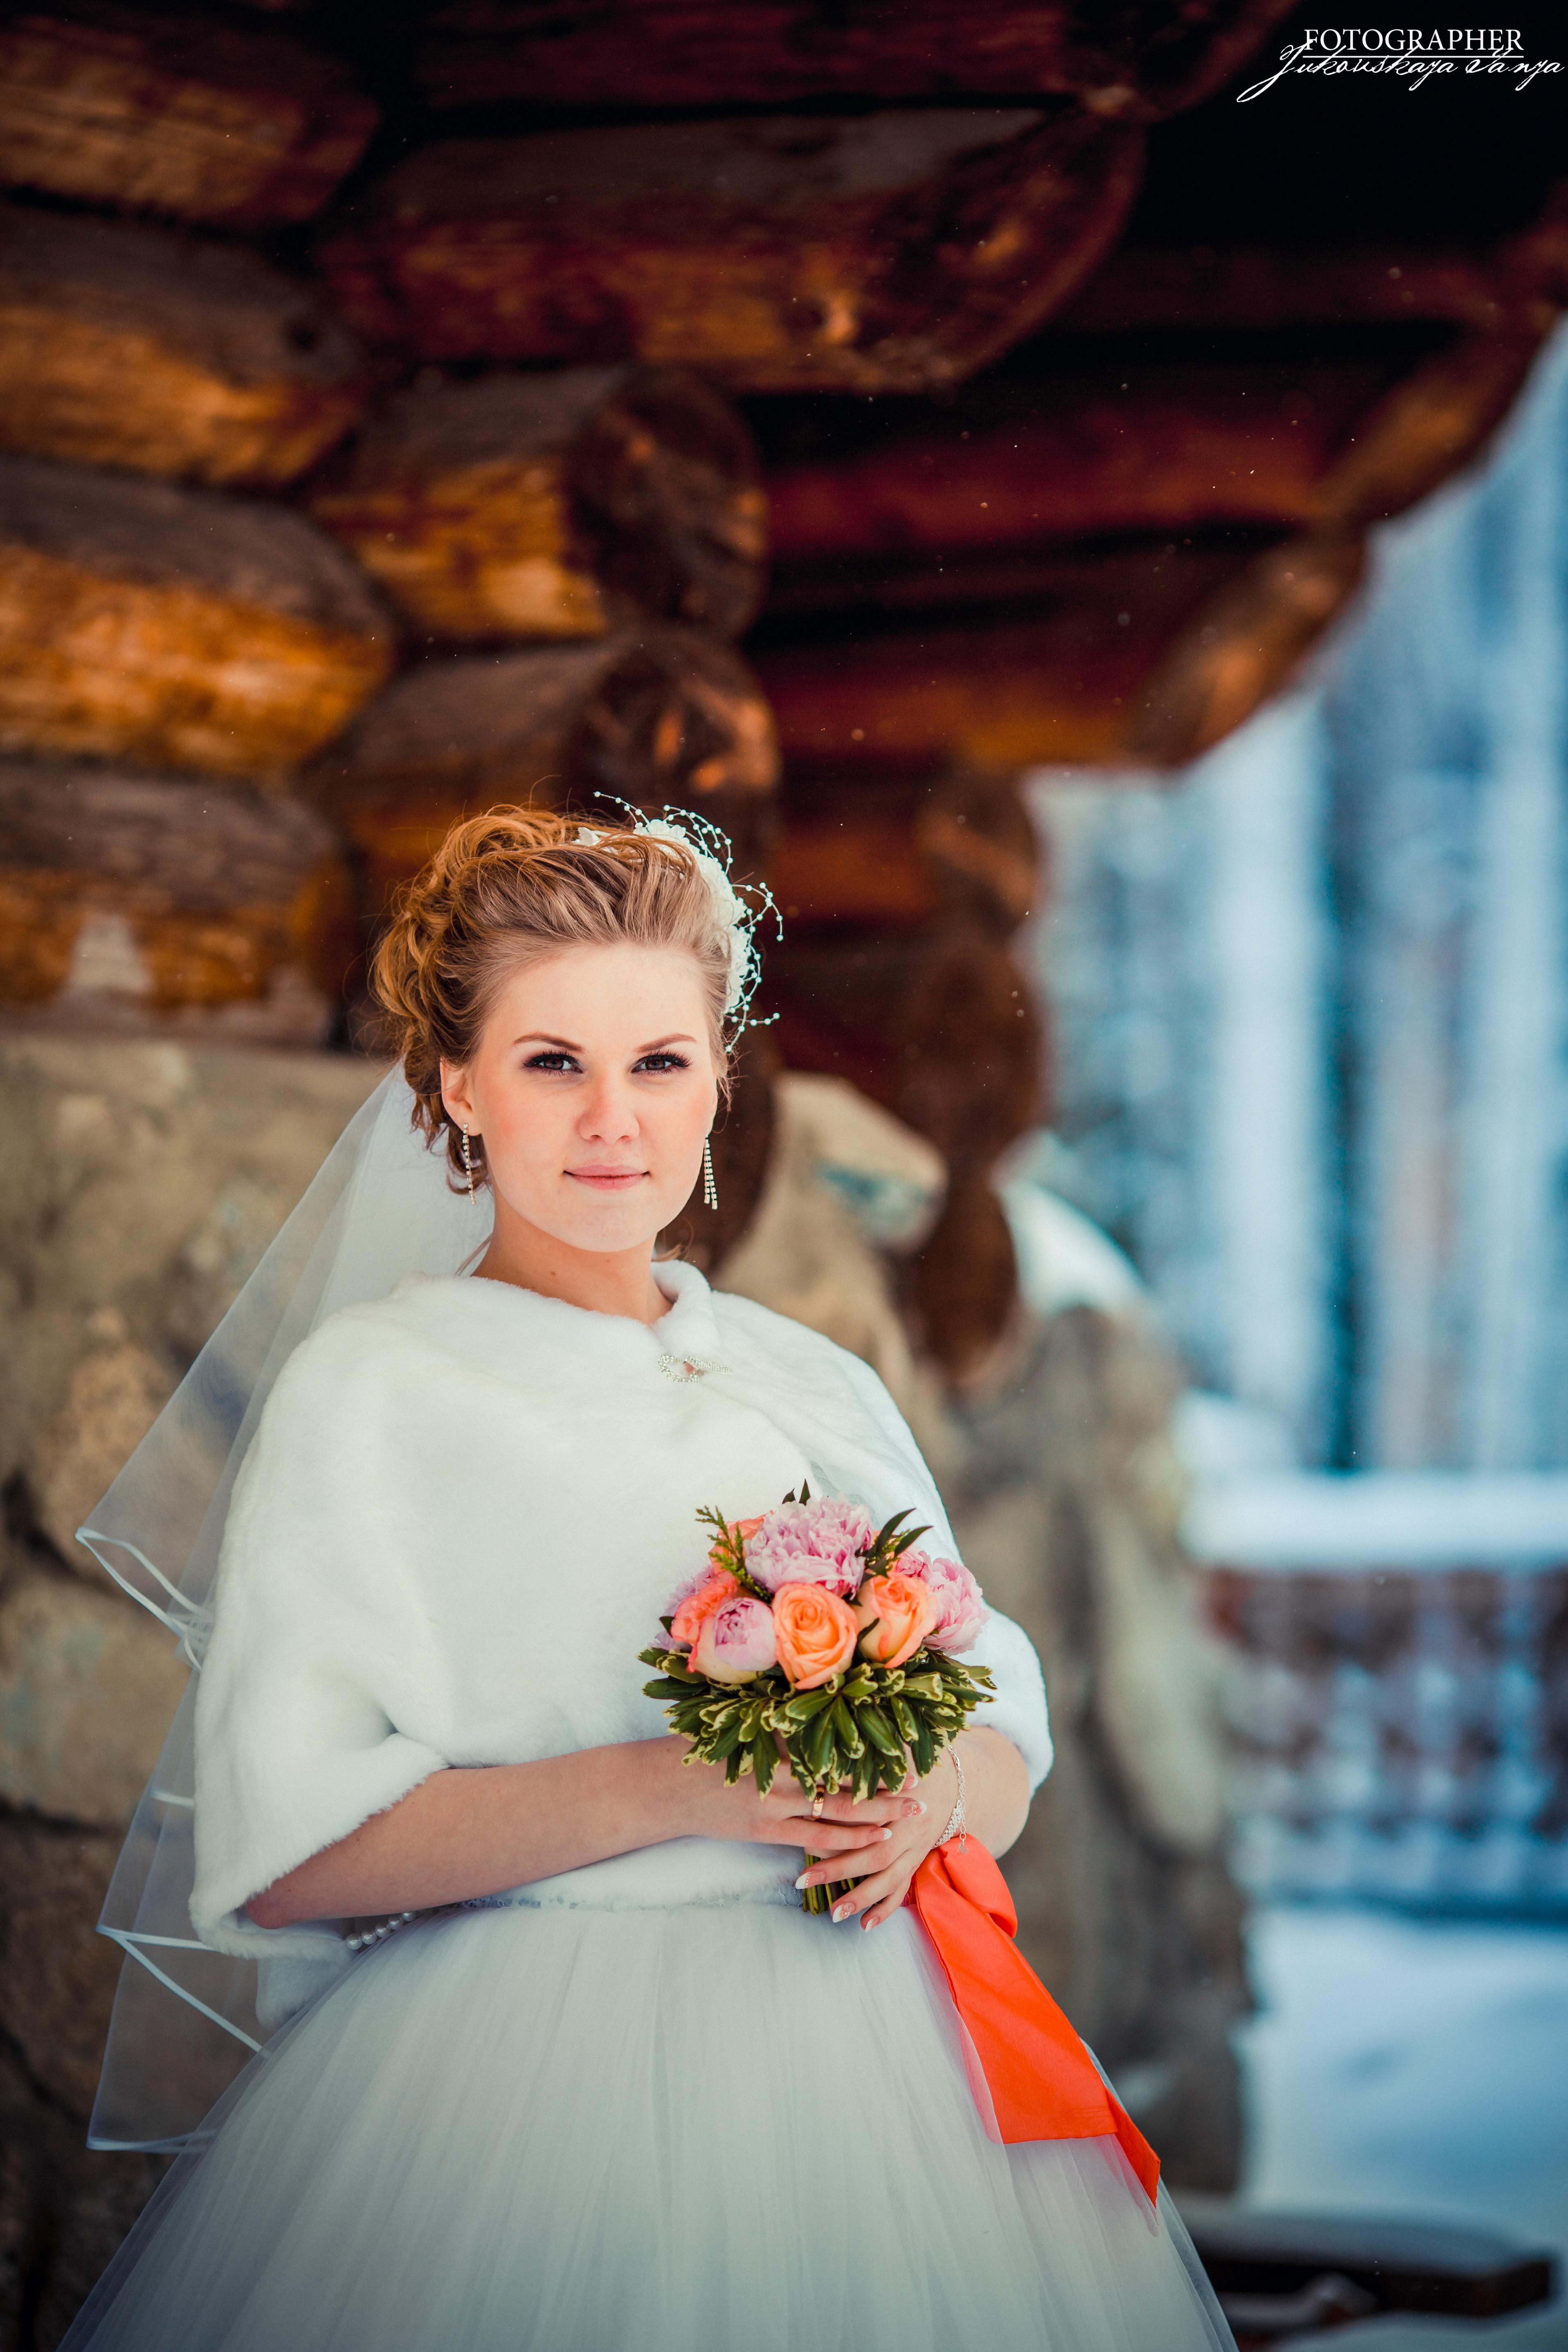 Татьяна Жуковская (Мангилева) в Екатеринбурге